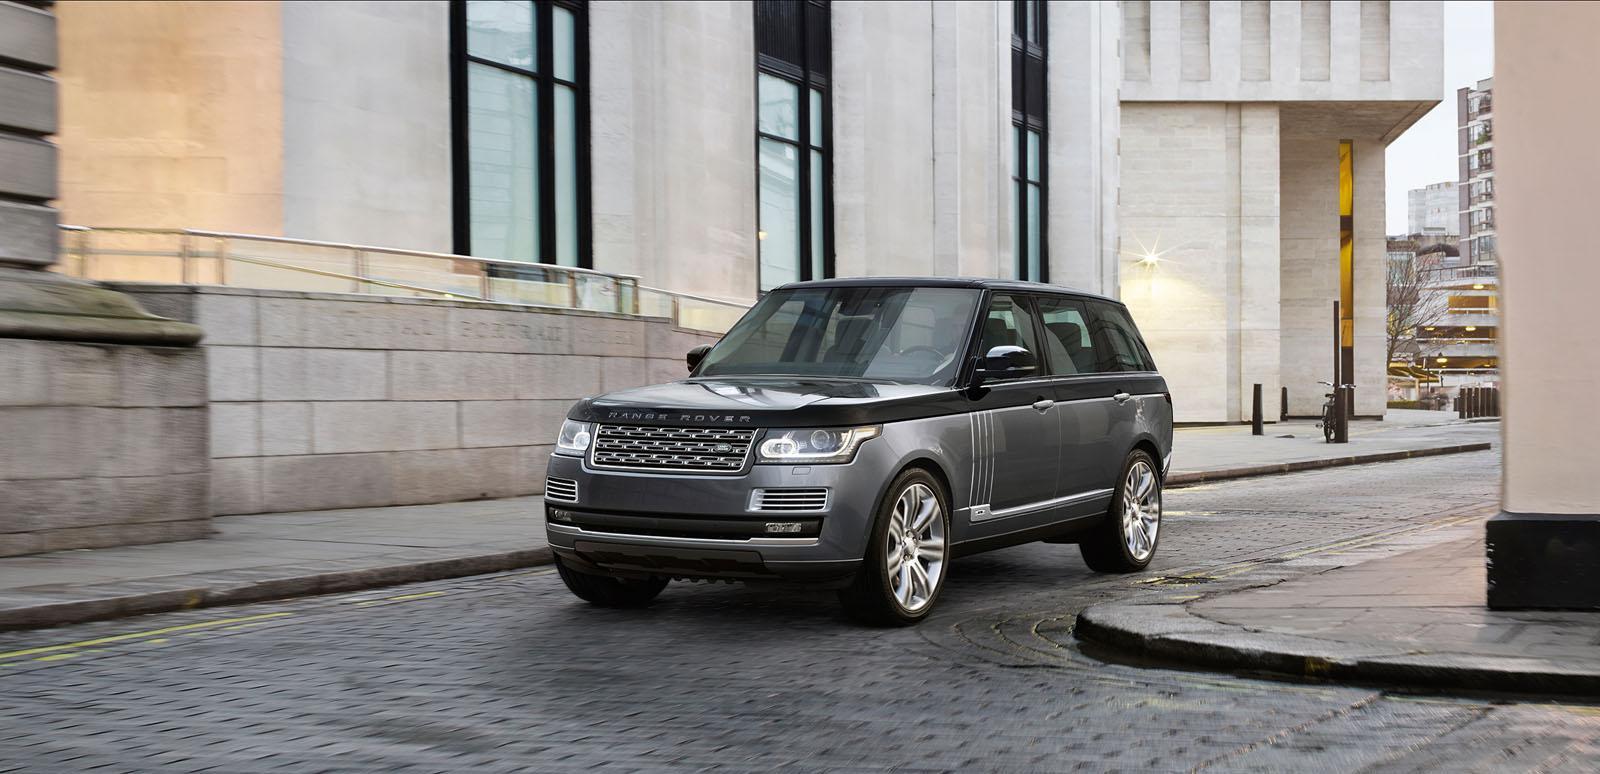 Range Rover SVAutobigraphy